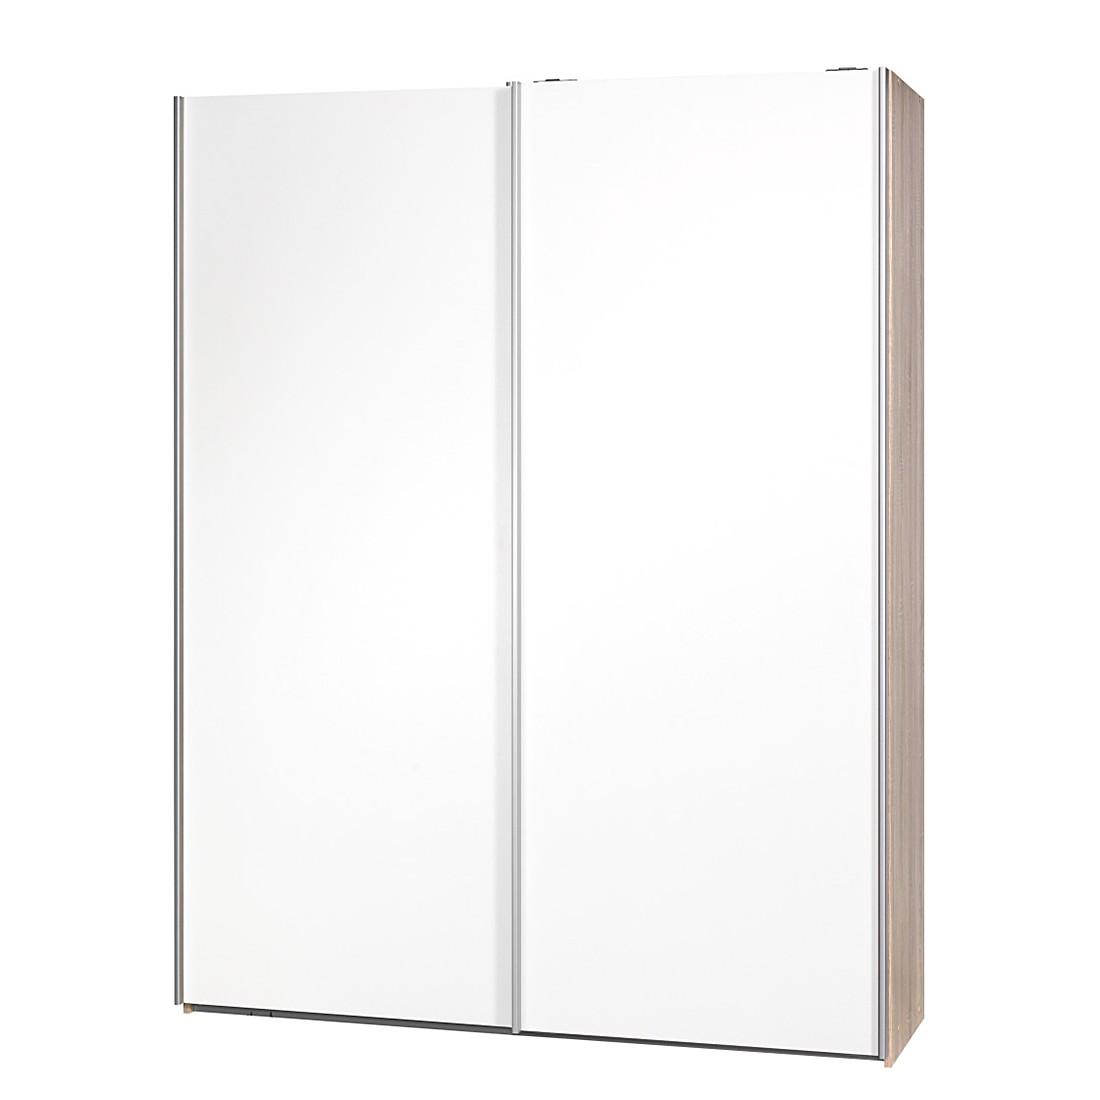 Schuifdeurkast Soft Smart - 150cm - Eikenhouten look - Wit - Zonder spiegeldeuren, Cs Schmal